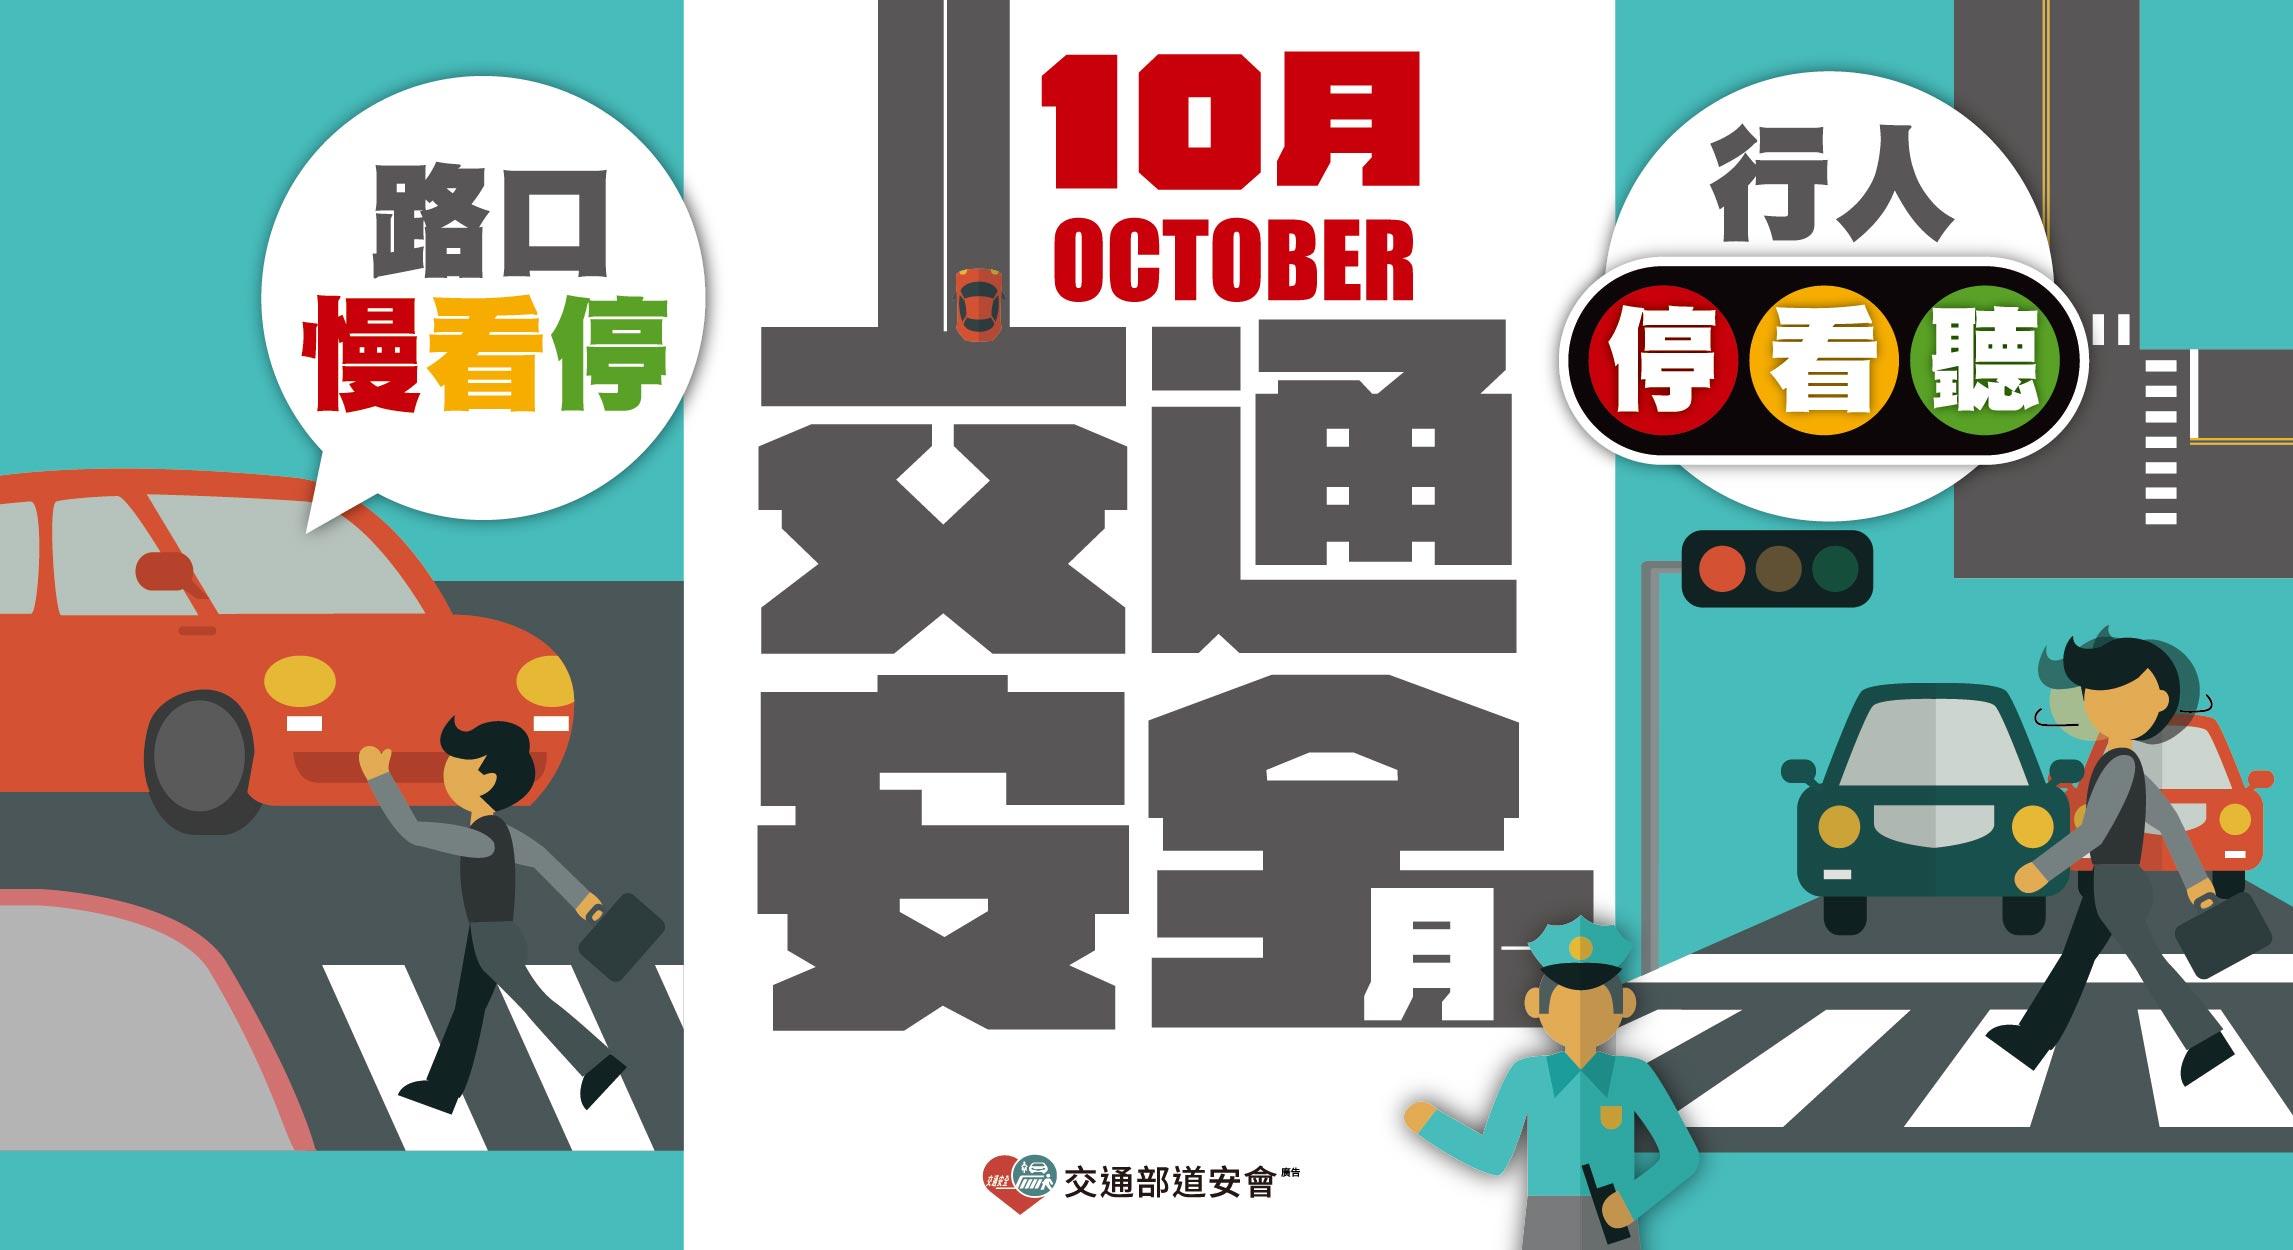 交通部10月份「交通安全月」